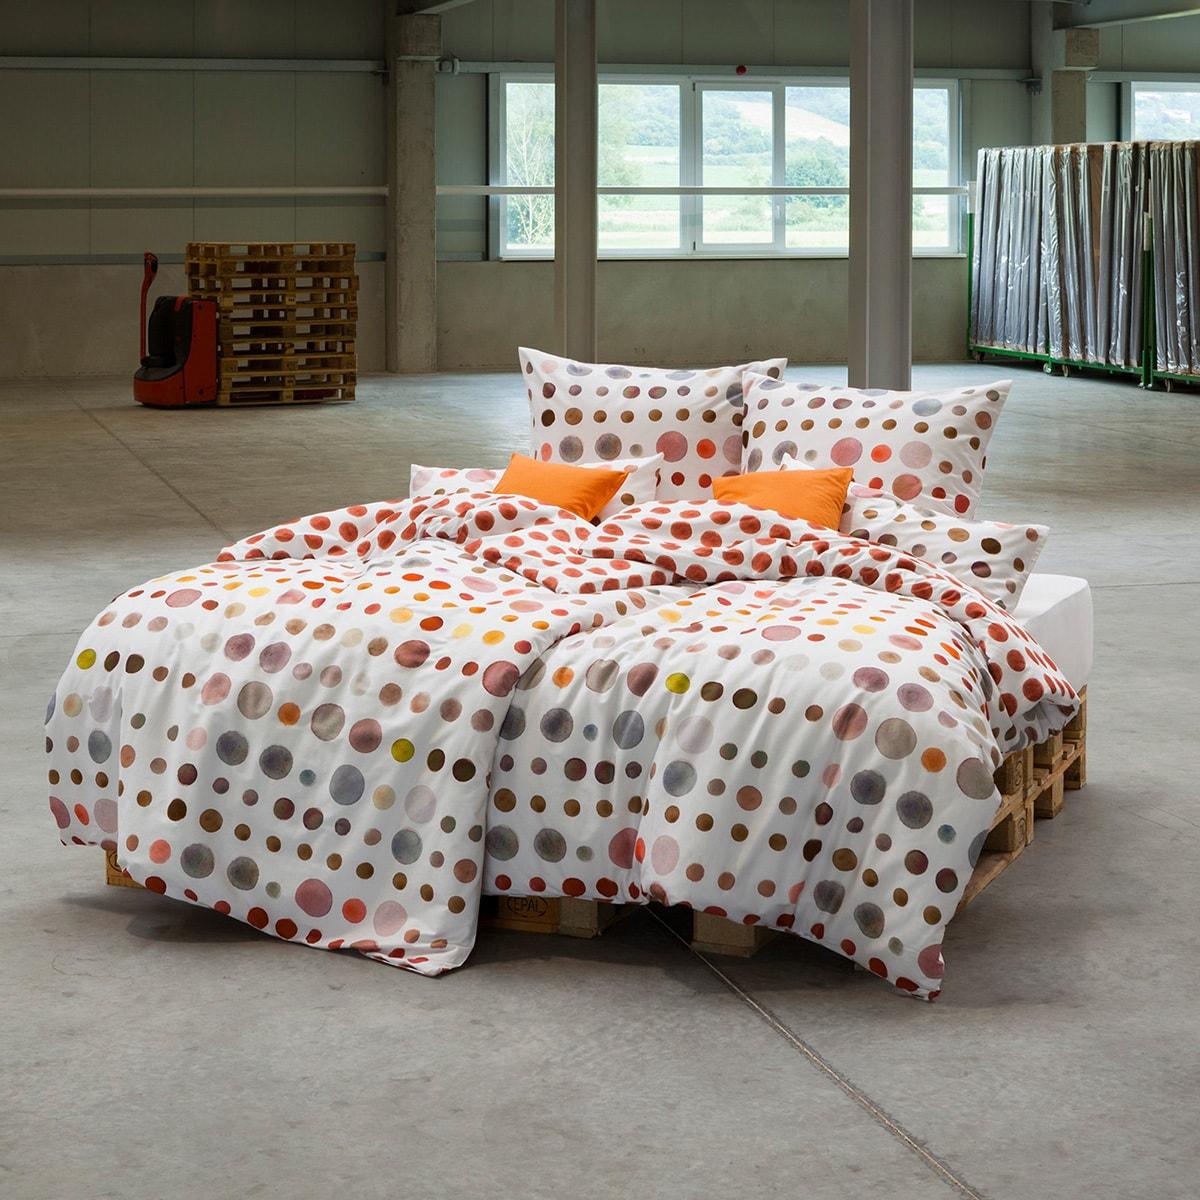 estella mako satin bettw sche spot ziegel g nstig online kaufen bei bettwaren shop. Black Bedroom Furniture Sets. Home Design Ideas